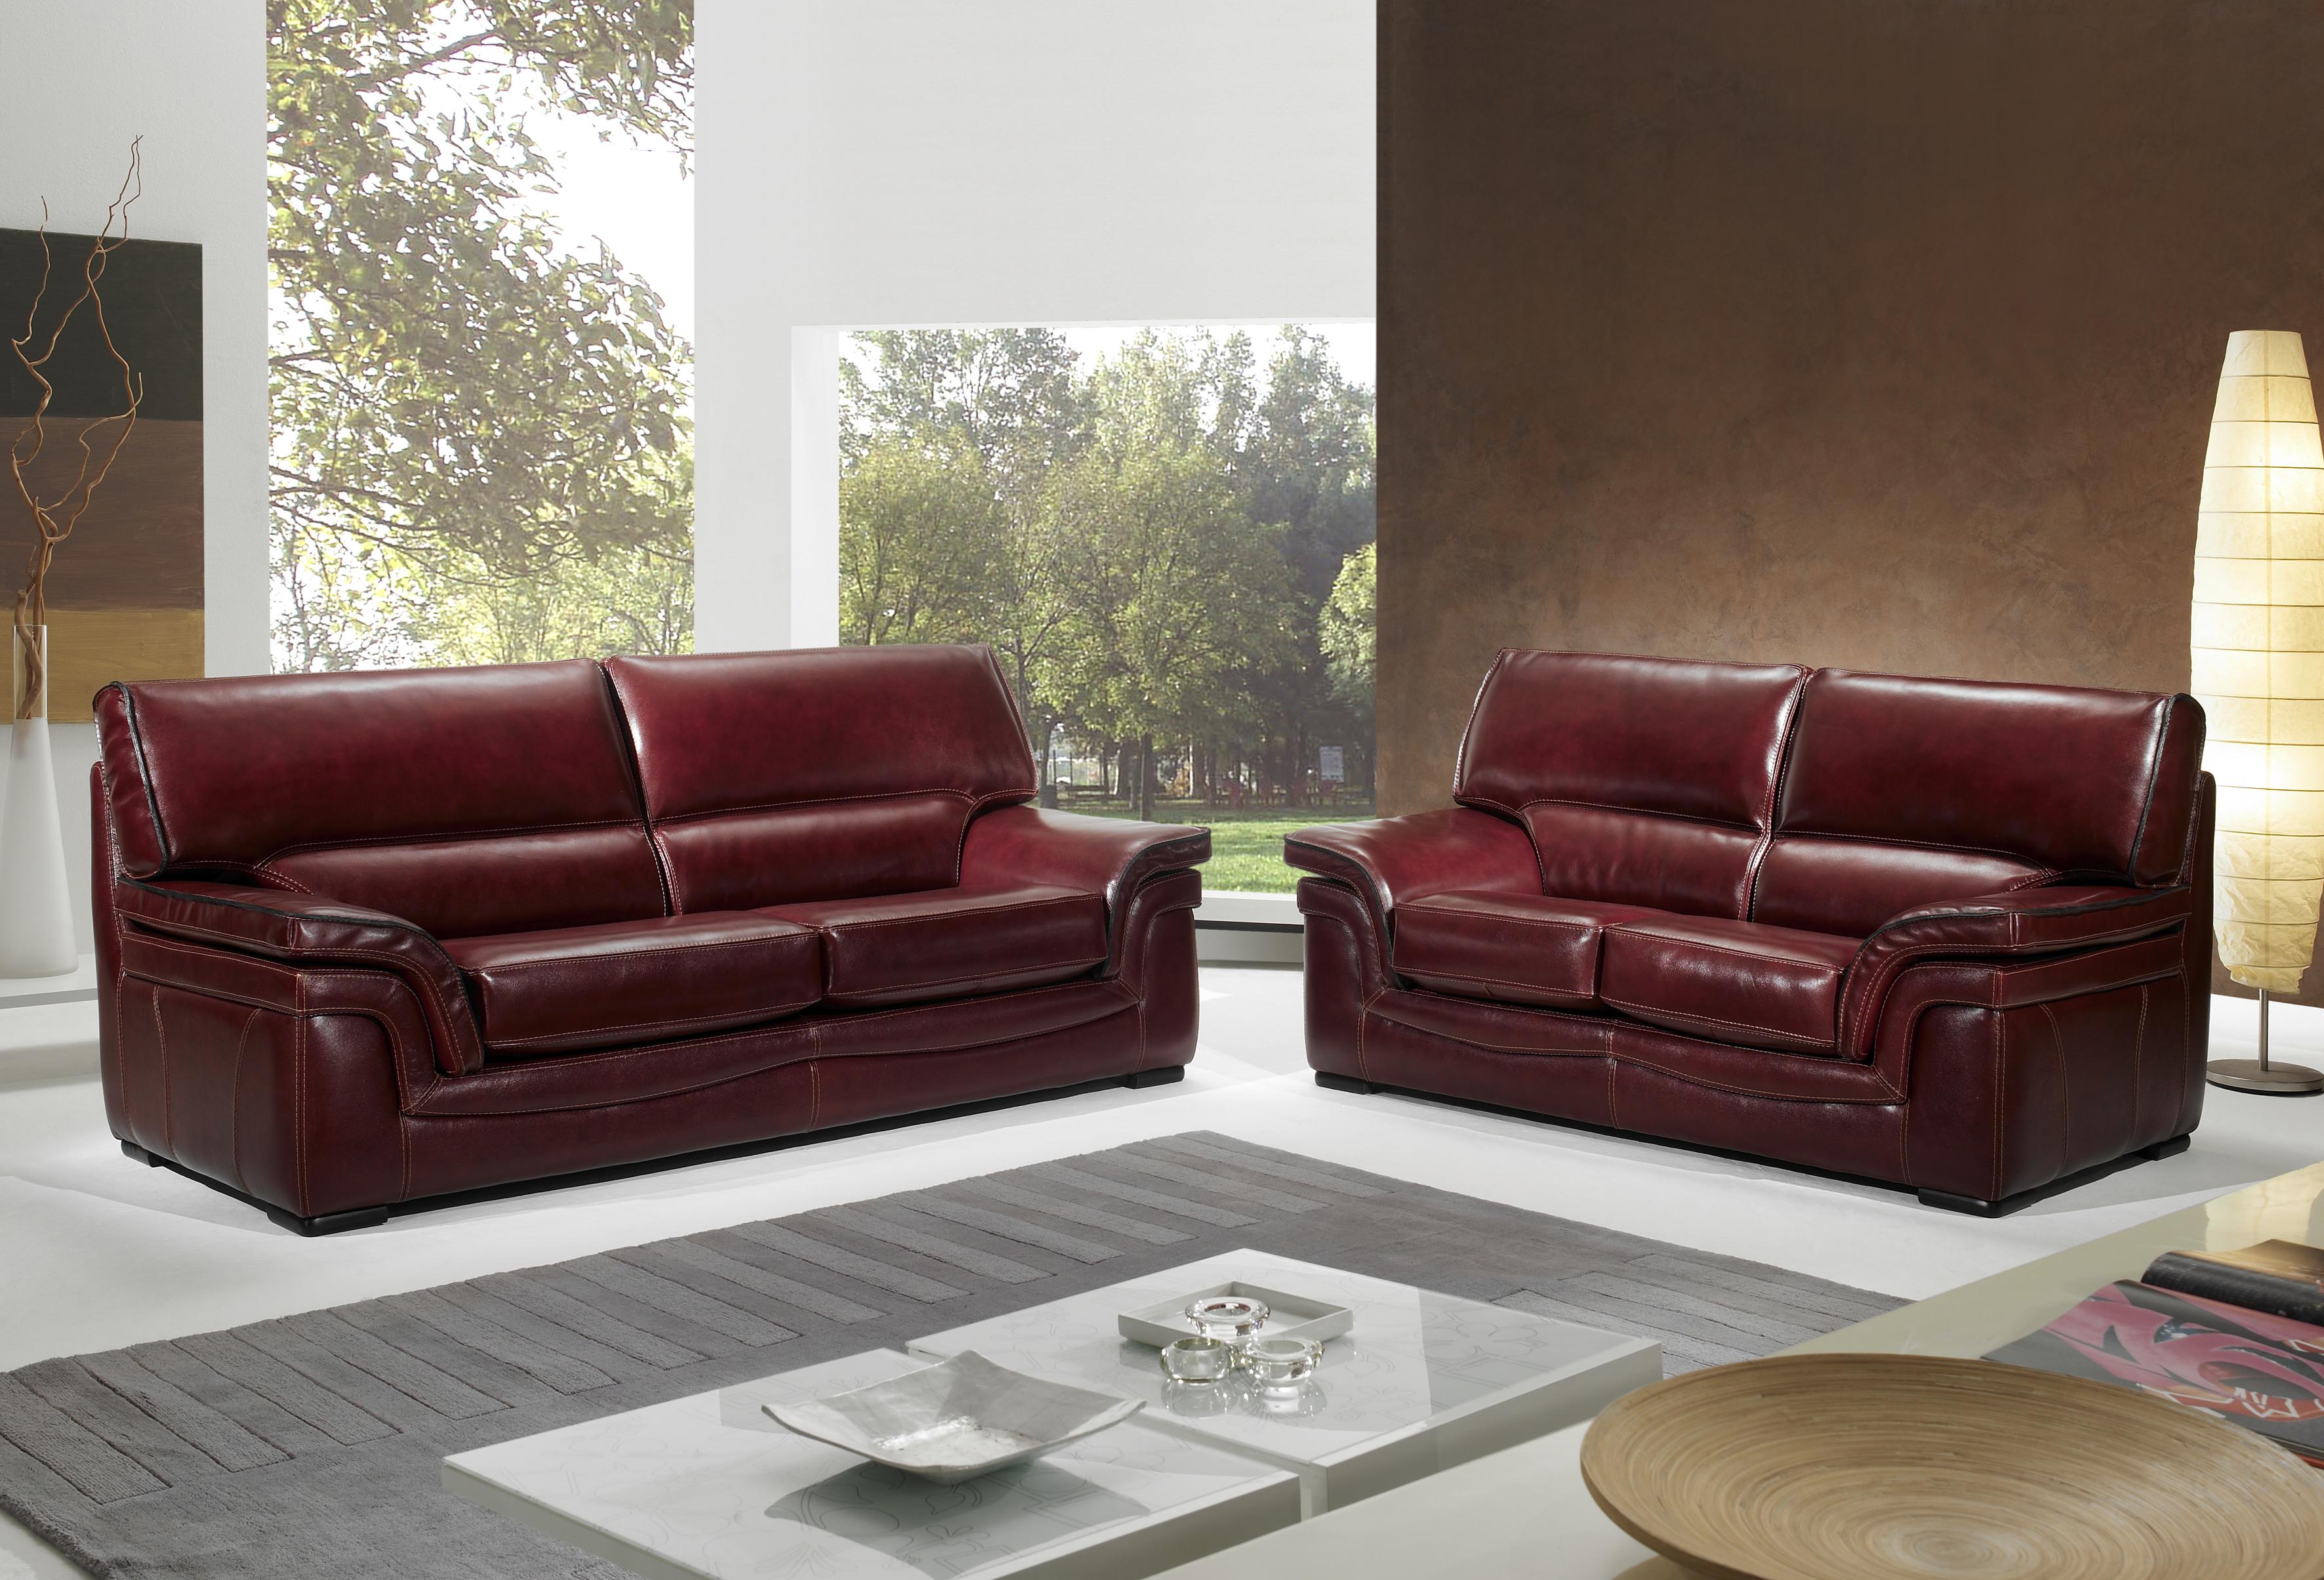 Rinnovare Divano In Tessuto divano manhattan | mondo sofa group | very sofa collection